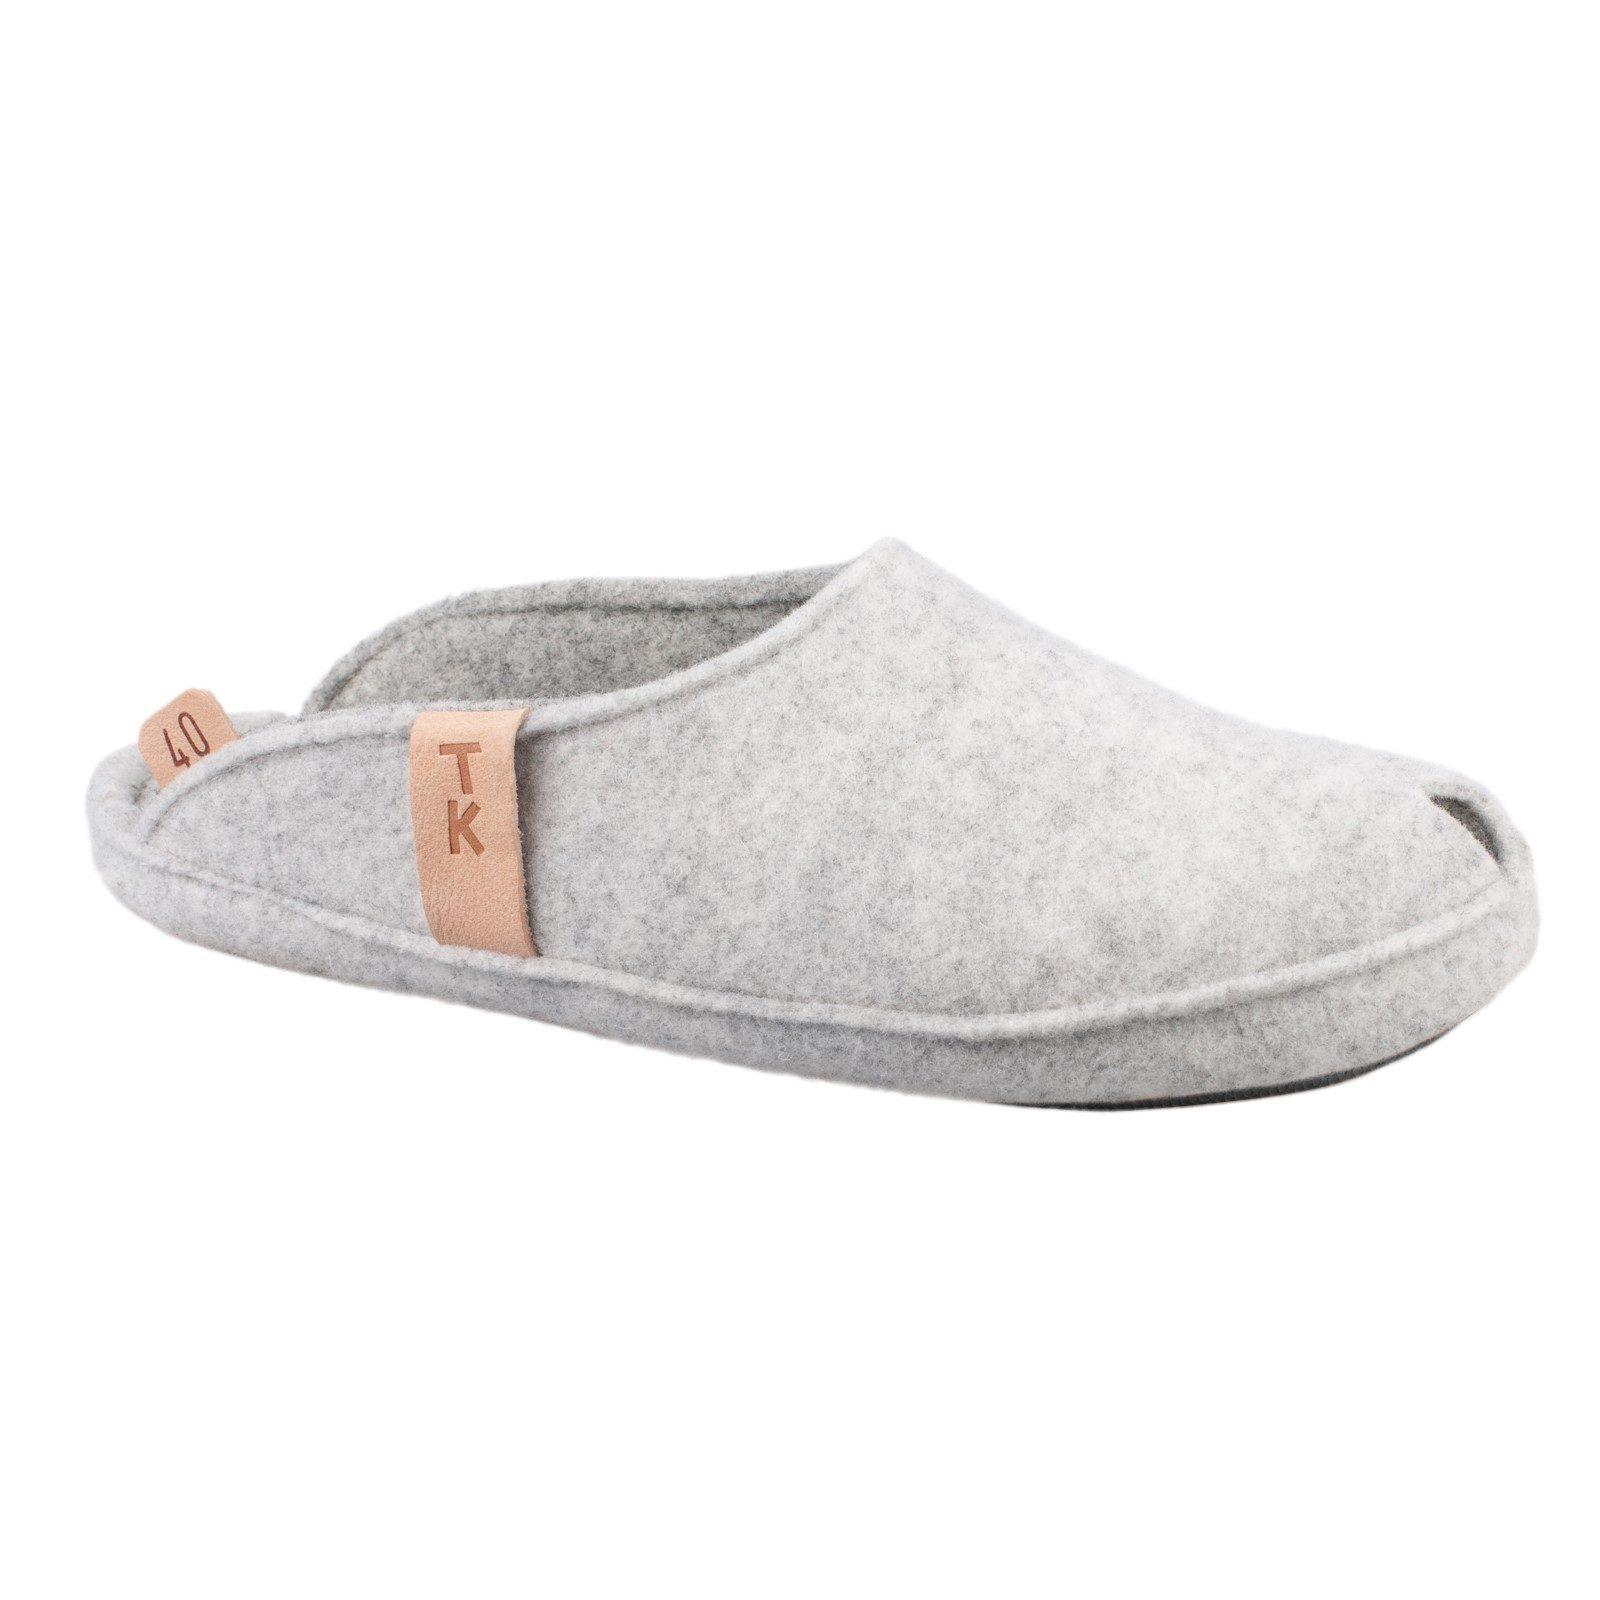 Toku-Brussels-indoor-slippers-v6